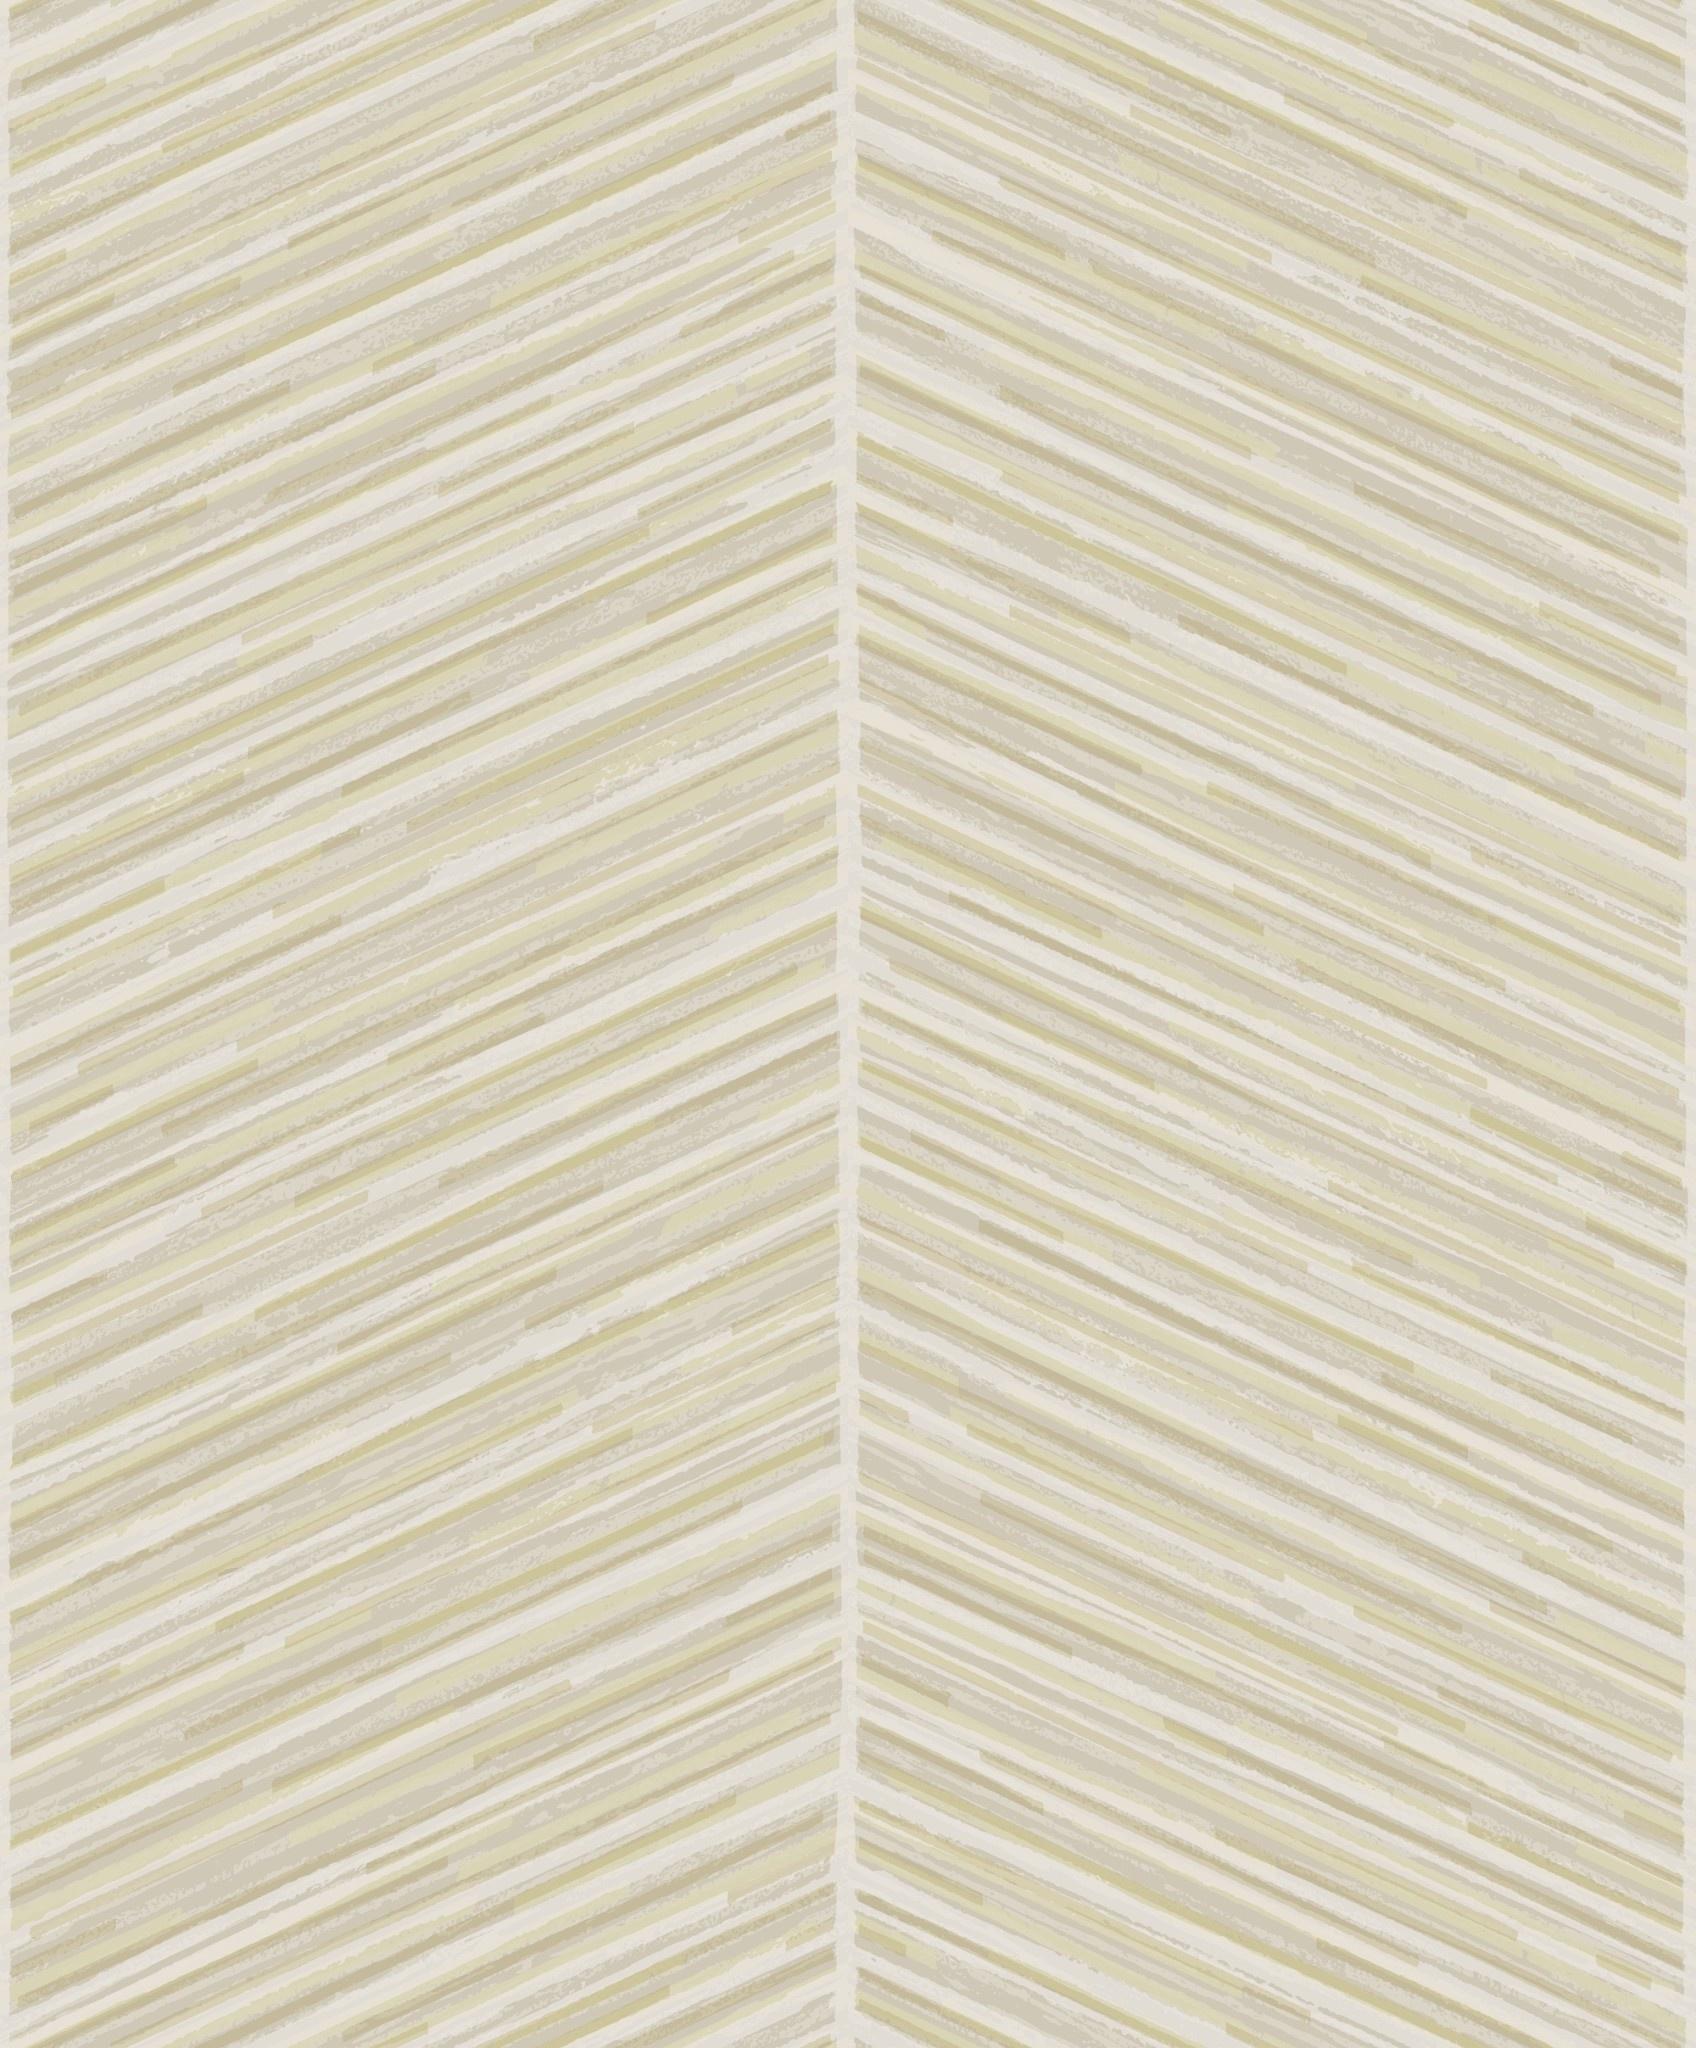 Wallquest Herringbone Stripe